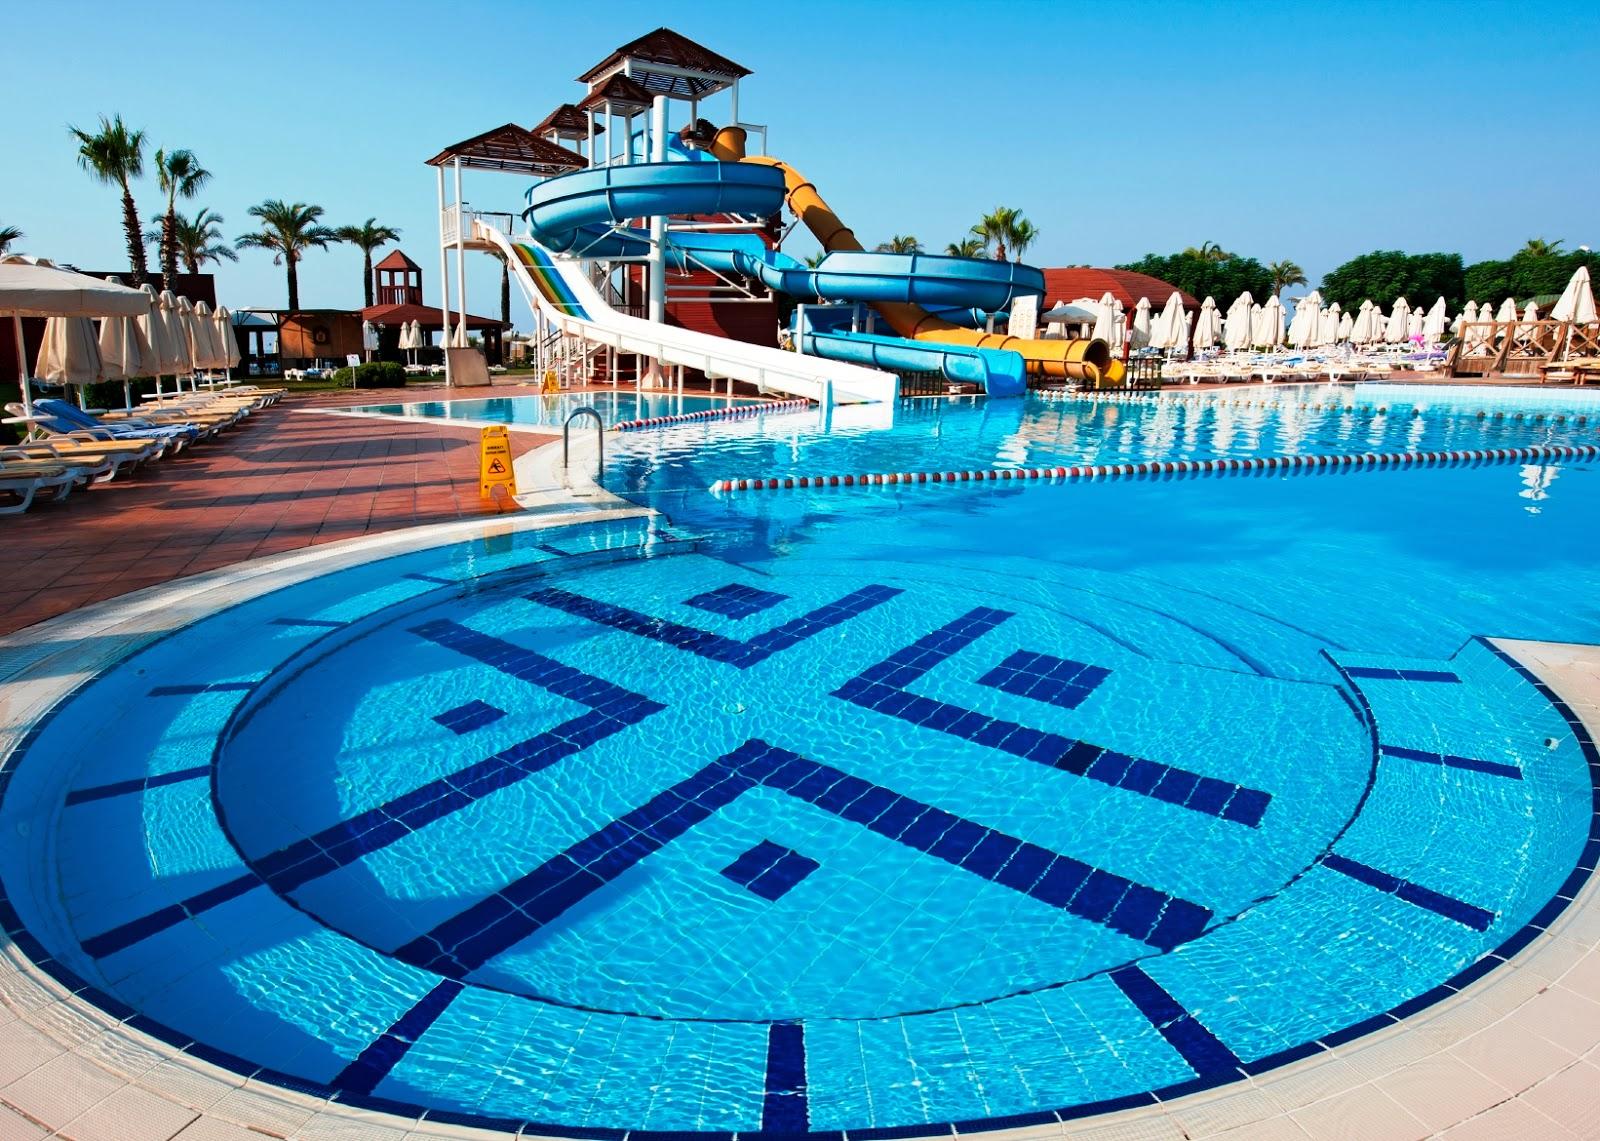 Jornada nos estados unidos da am rica manuten o de piscinas for Drim piscinas